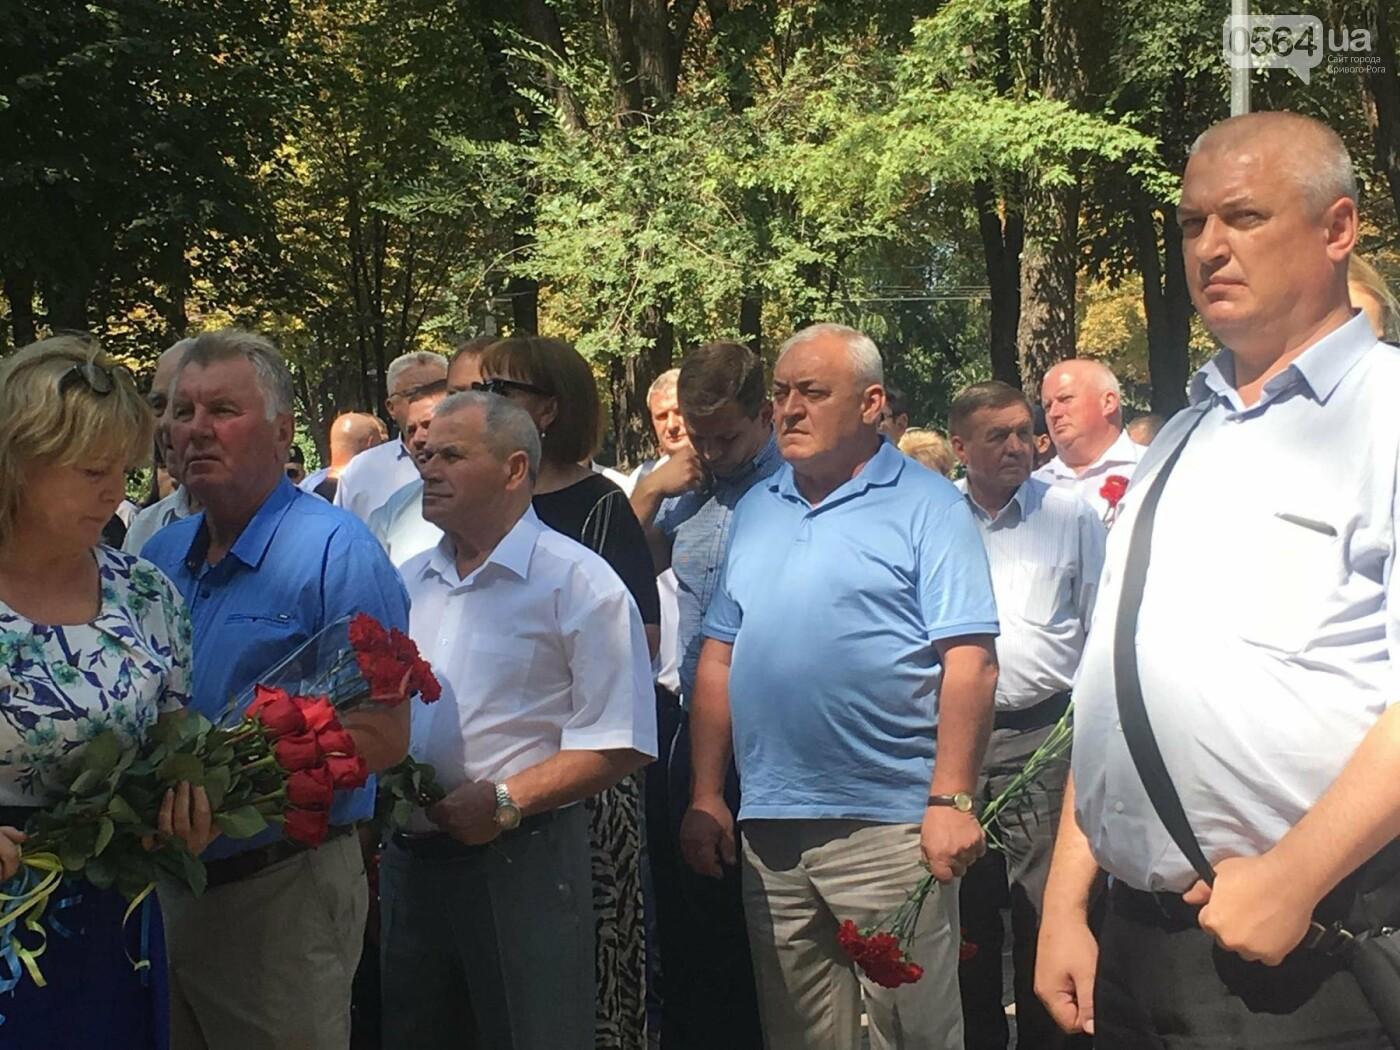 Руководство города и депутаты возложили цветы к памятнику погибшим в АТО Героям, - ФОТО, ВИДЕО, фото-3